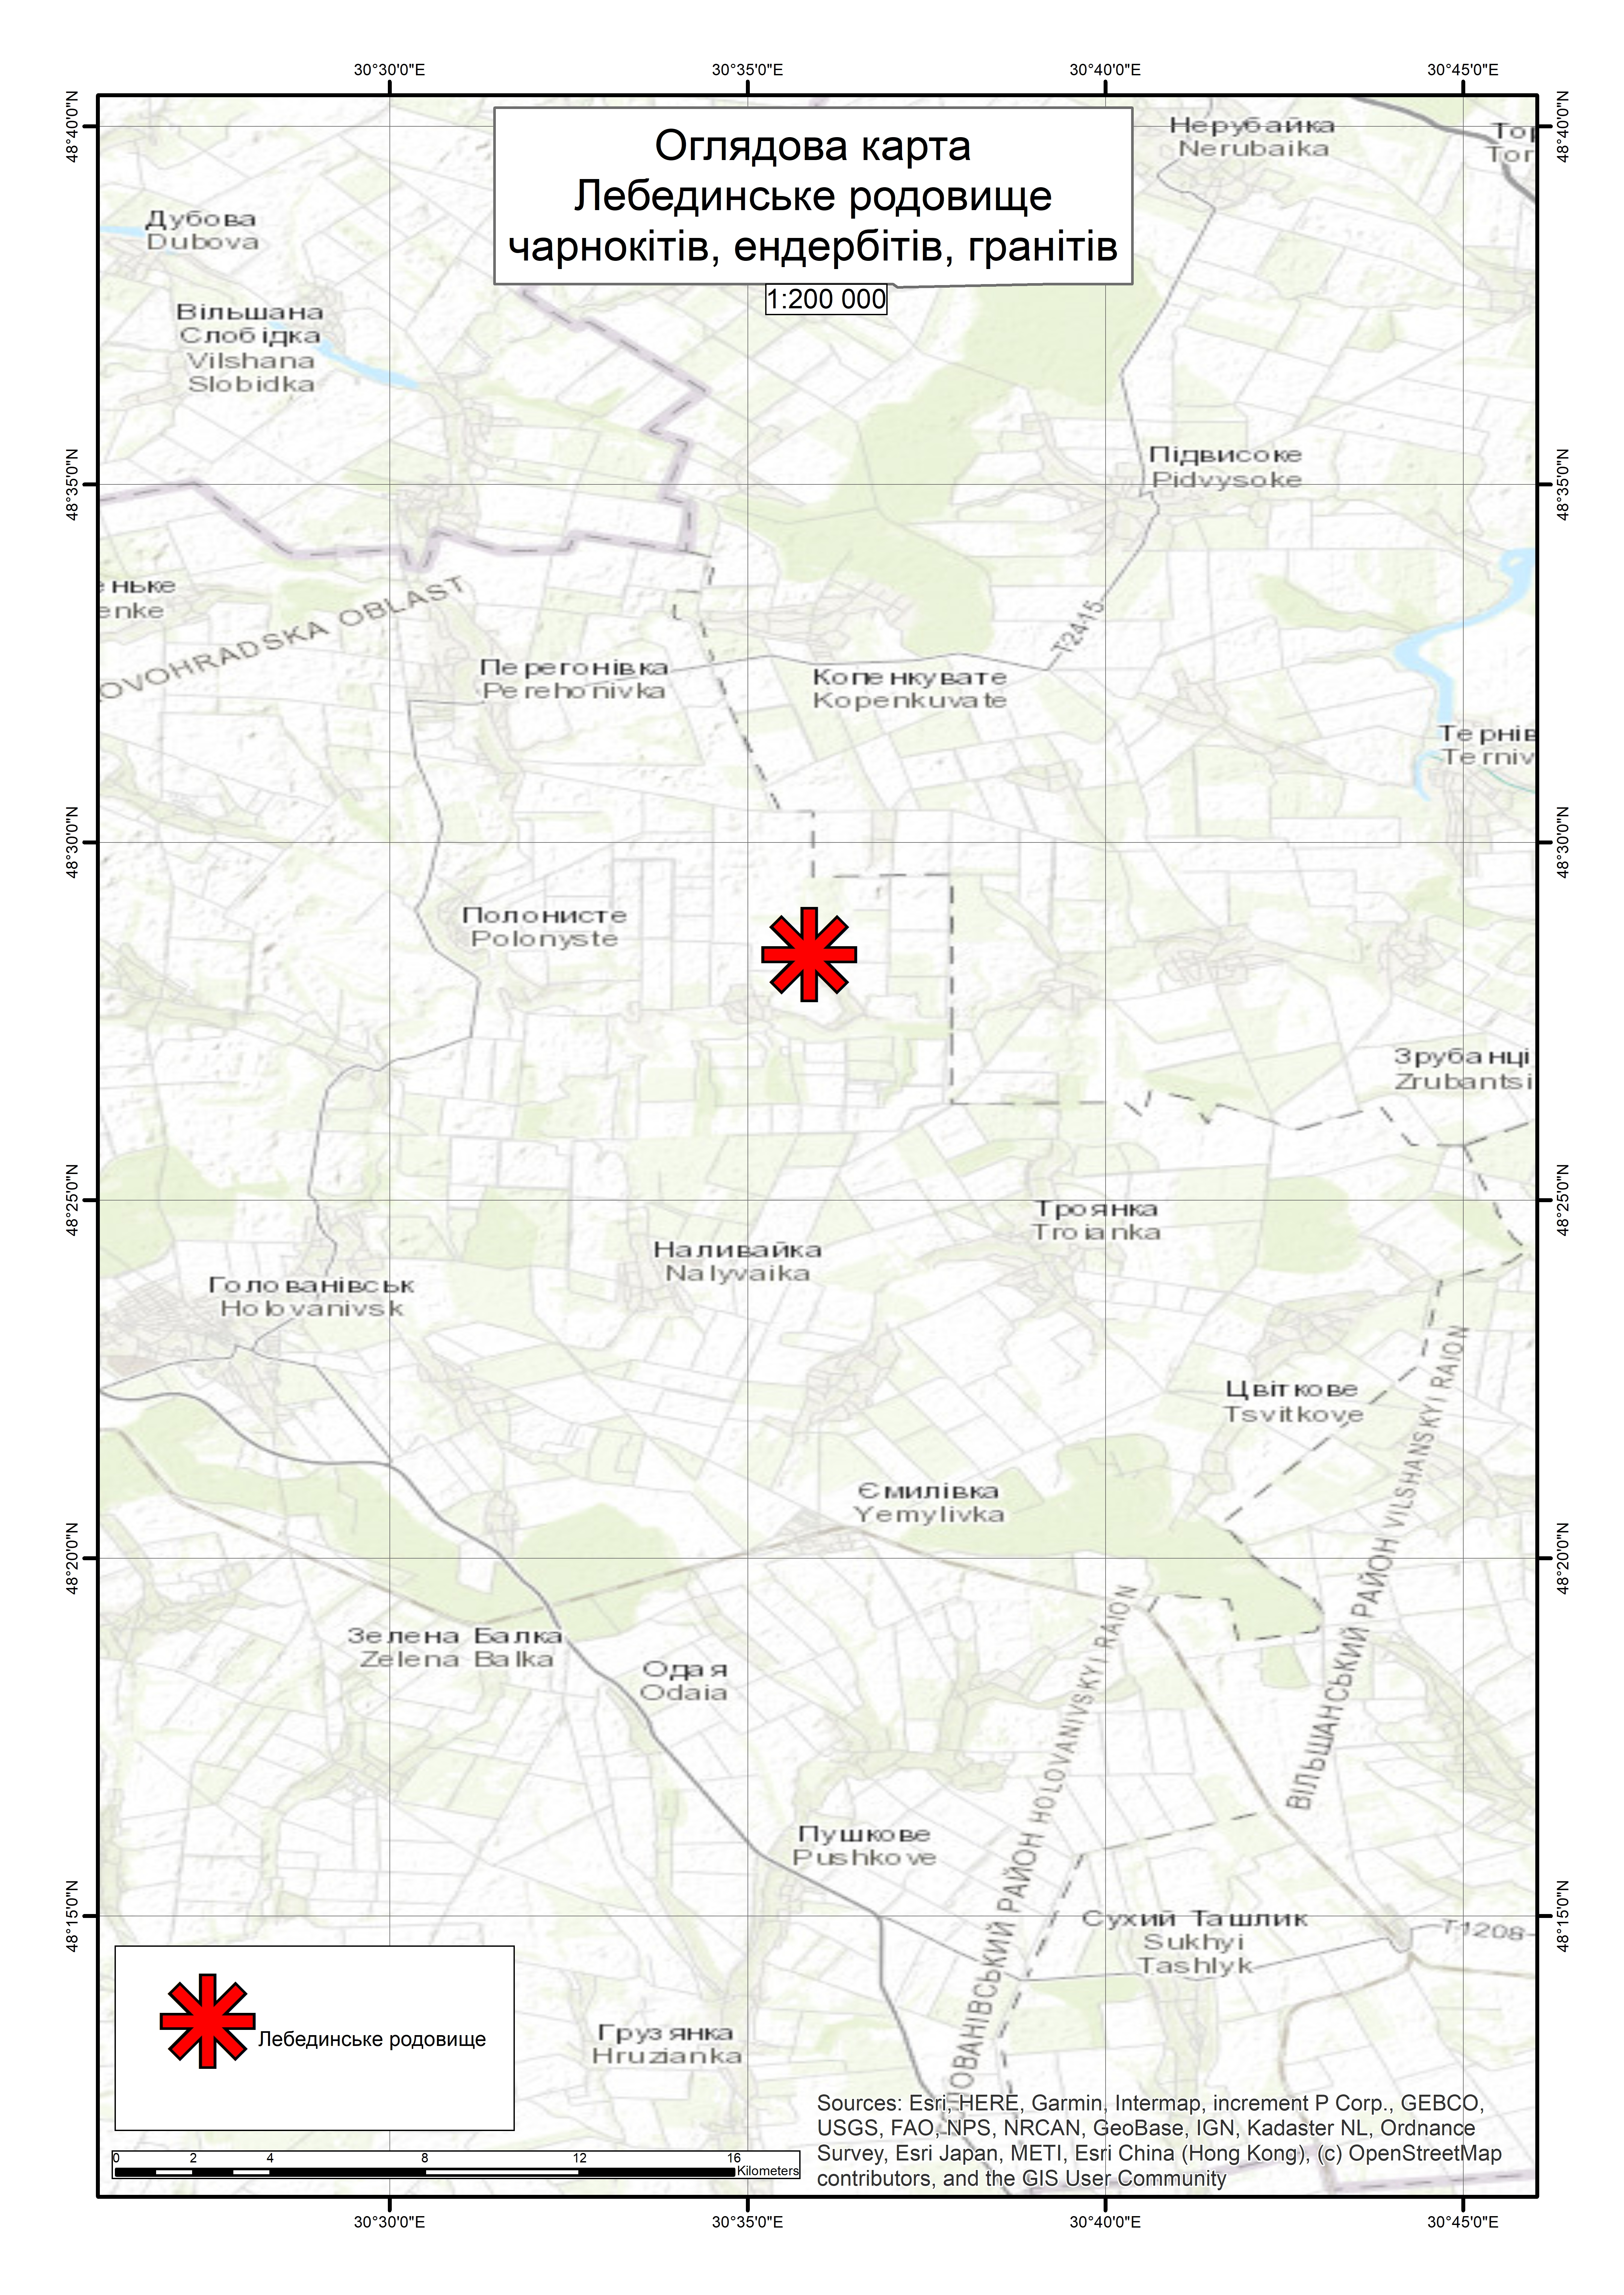 Спеціальний дозвіл на користування надрами – Лебединське родовище. Вартість геологічної інформації – 99 905,28 грн (з ПДВ). Вартість пакету аукціонної документації – 72 550 грн (з ПДВ).